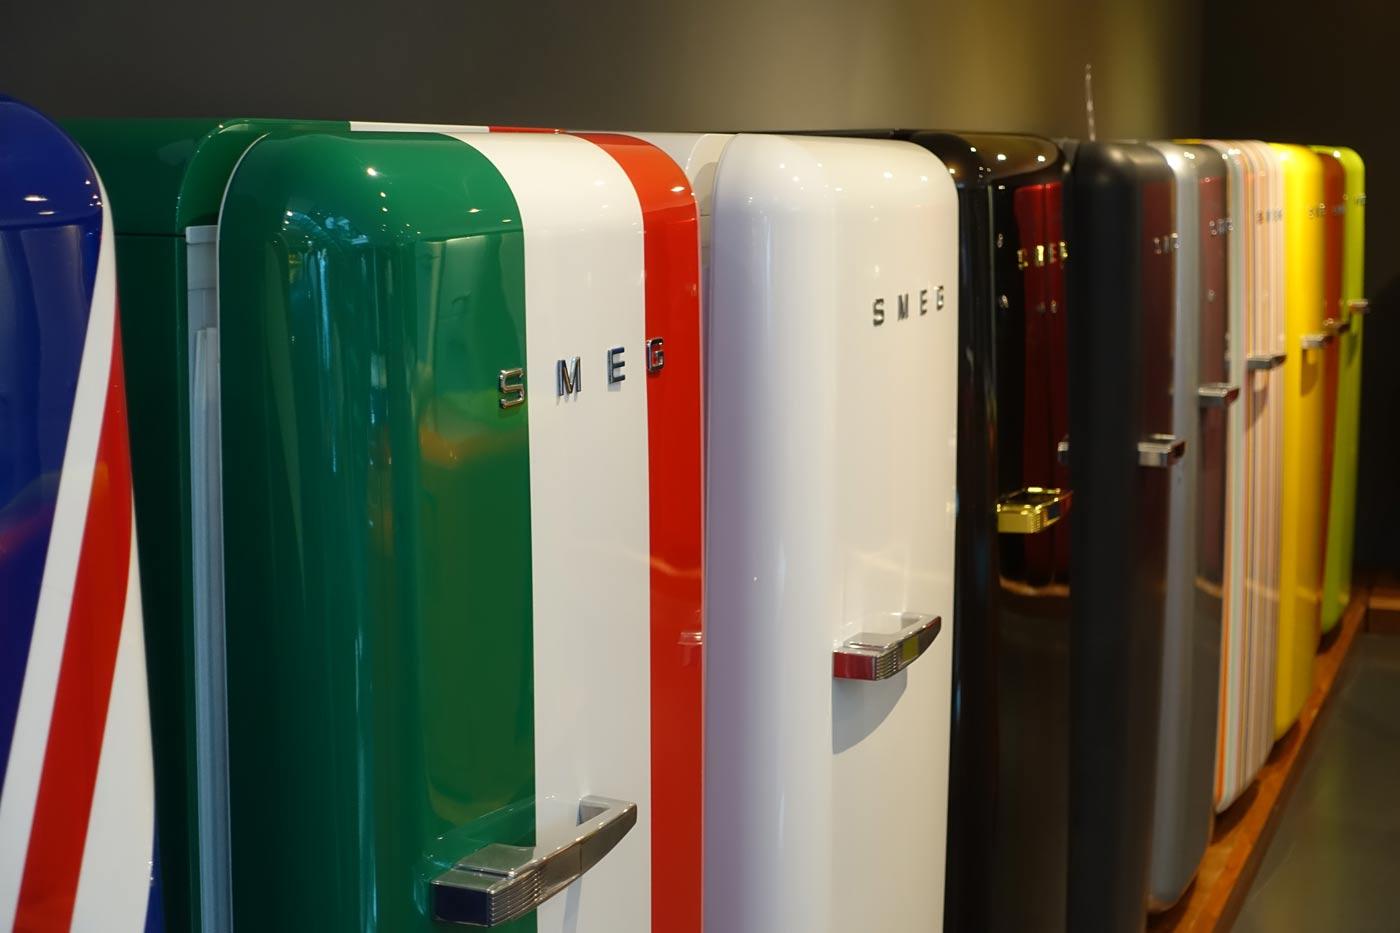 Smeg Kühlschrank Black Velvet : Smeg fab kühlschrank italia italienischer kühlschrank welter